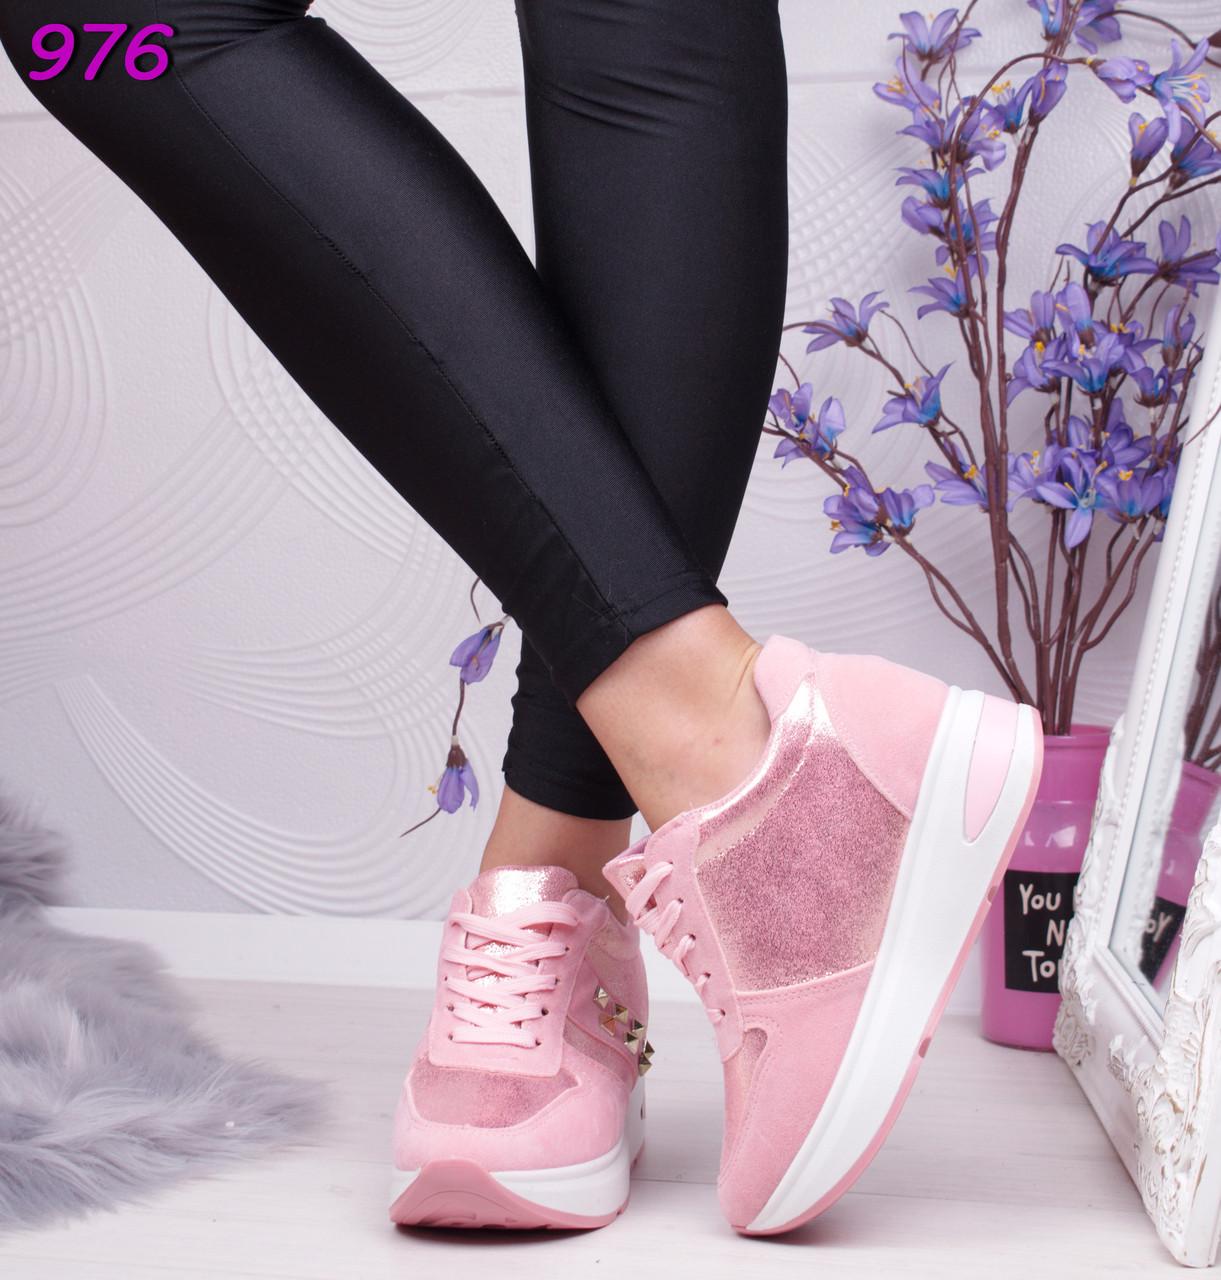 e2b26c66 Стильные женские розовые кроссовки на платформе - bonny-style в Днепре